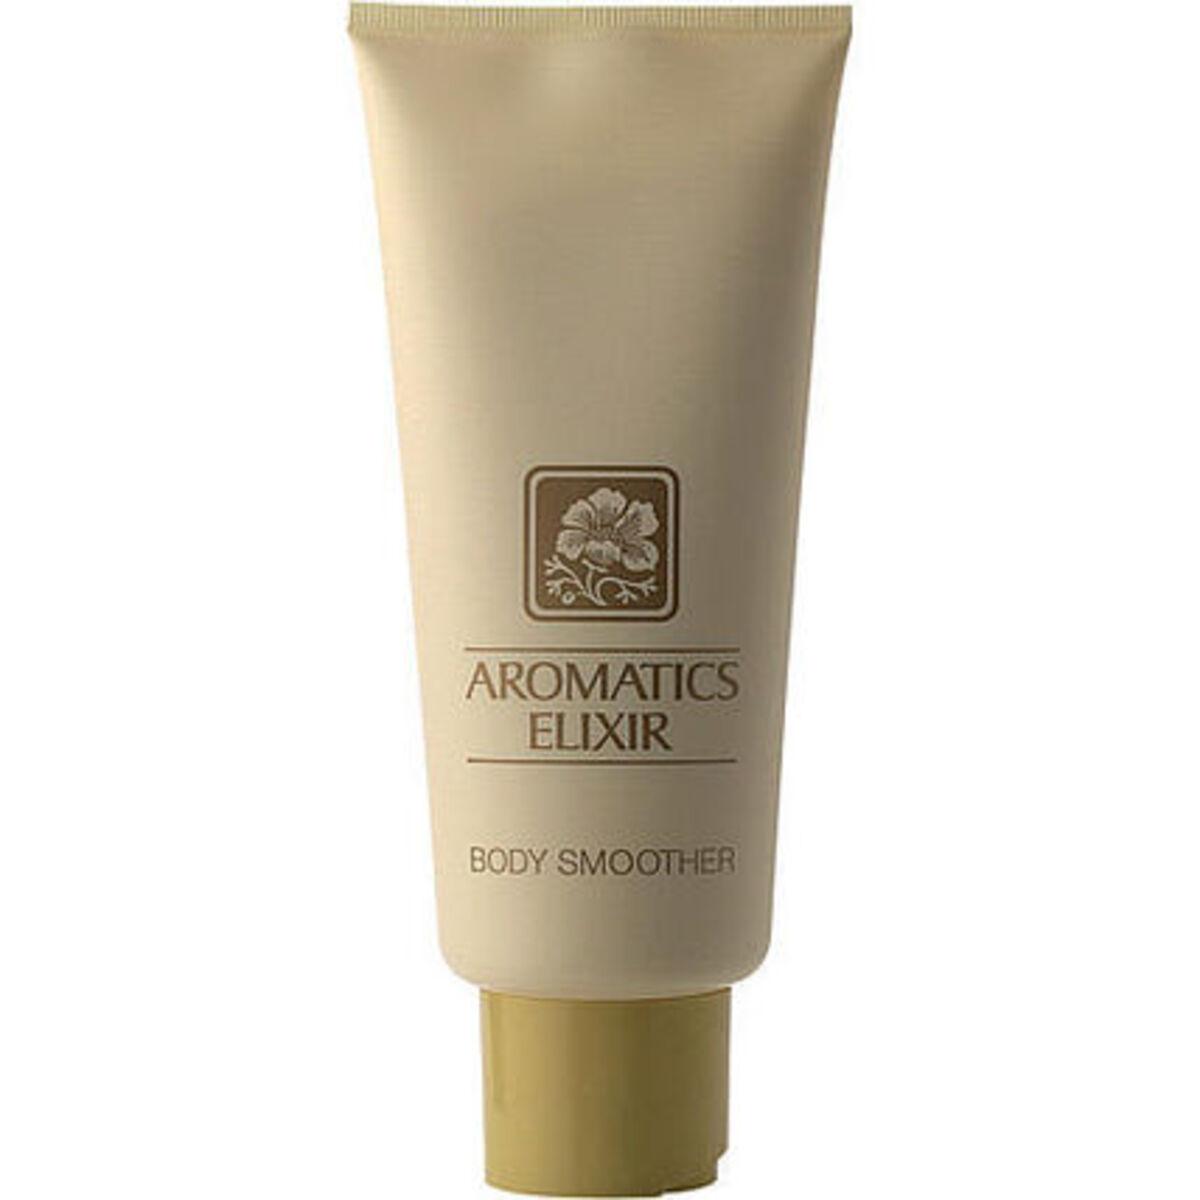 Bild 1 von Clinique Aromatics Elixir, Body Lotion, 200 ml, keine Angabe